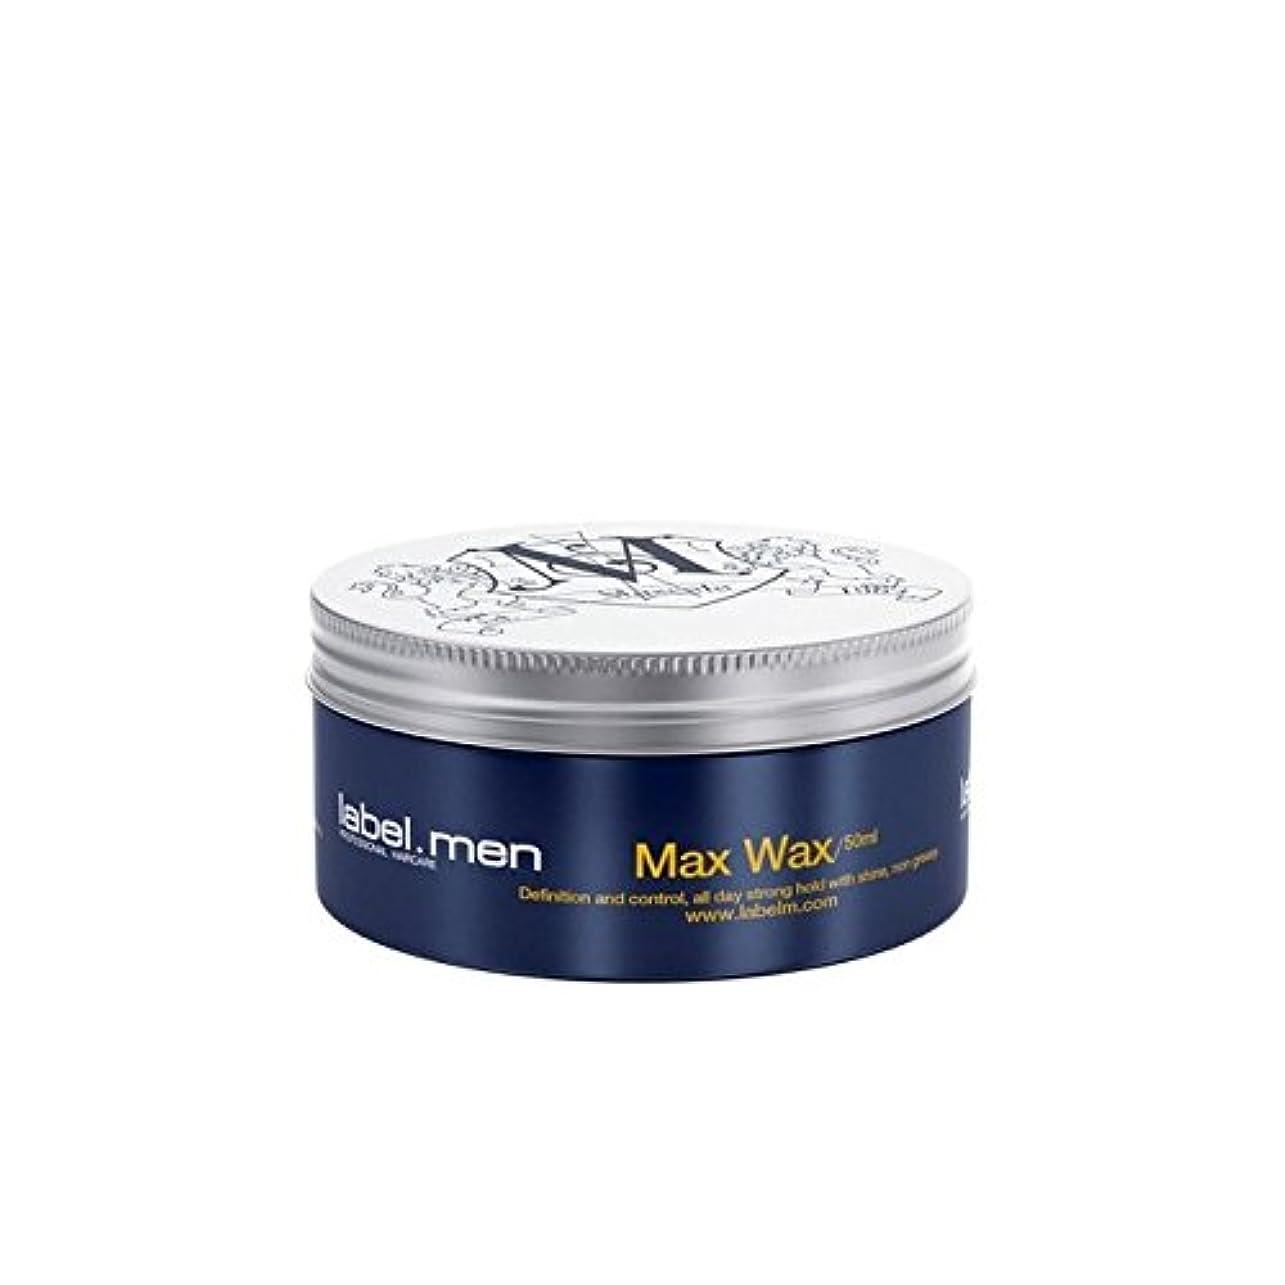 接地コイル別れるLabel.Men Max Wax (50ml) (Pack of 6) - .マックスワックス(50ミリリットル) x6 [並行輸入品]